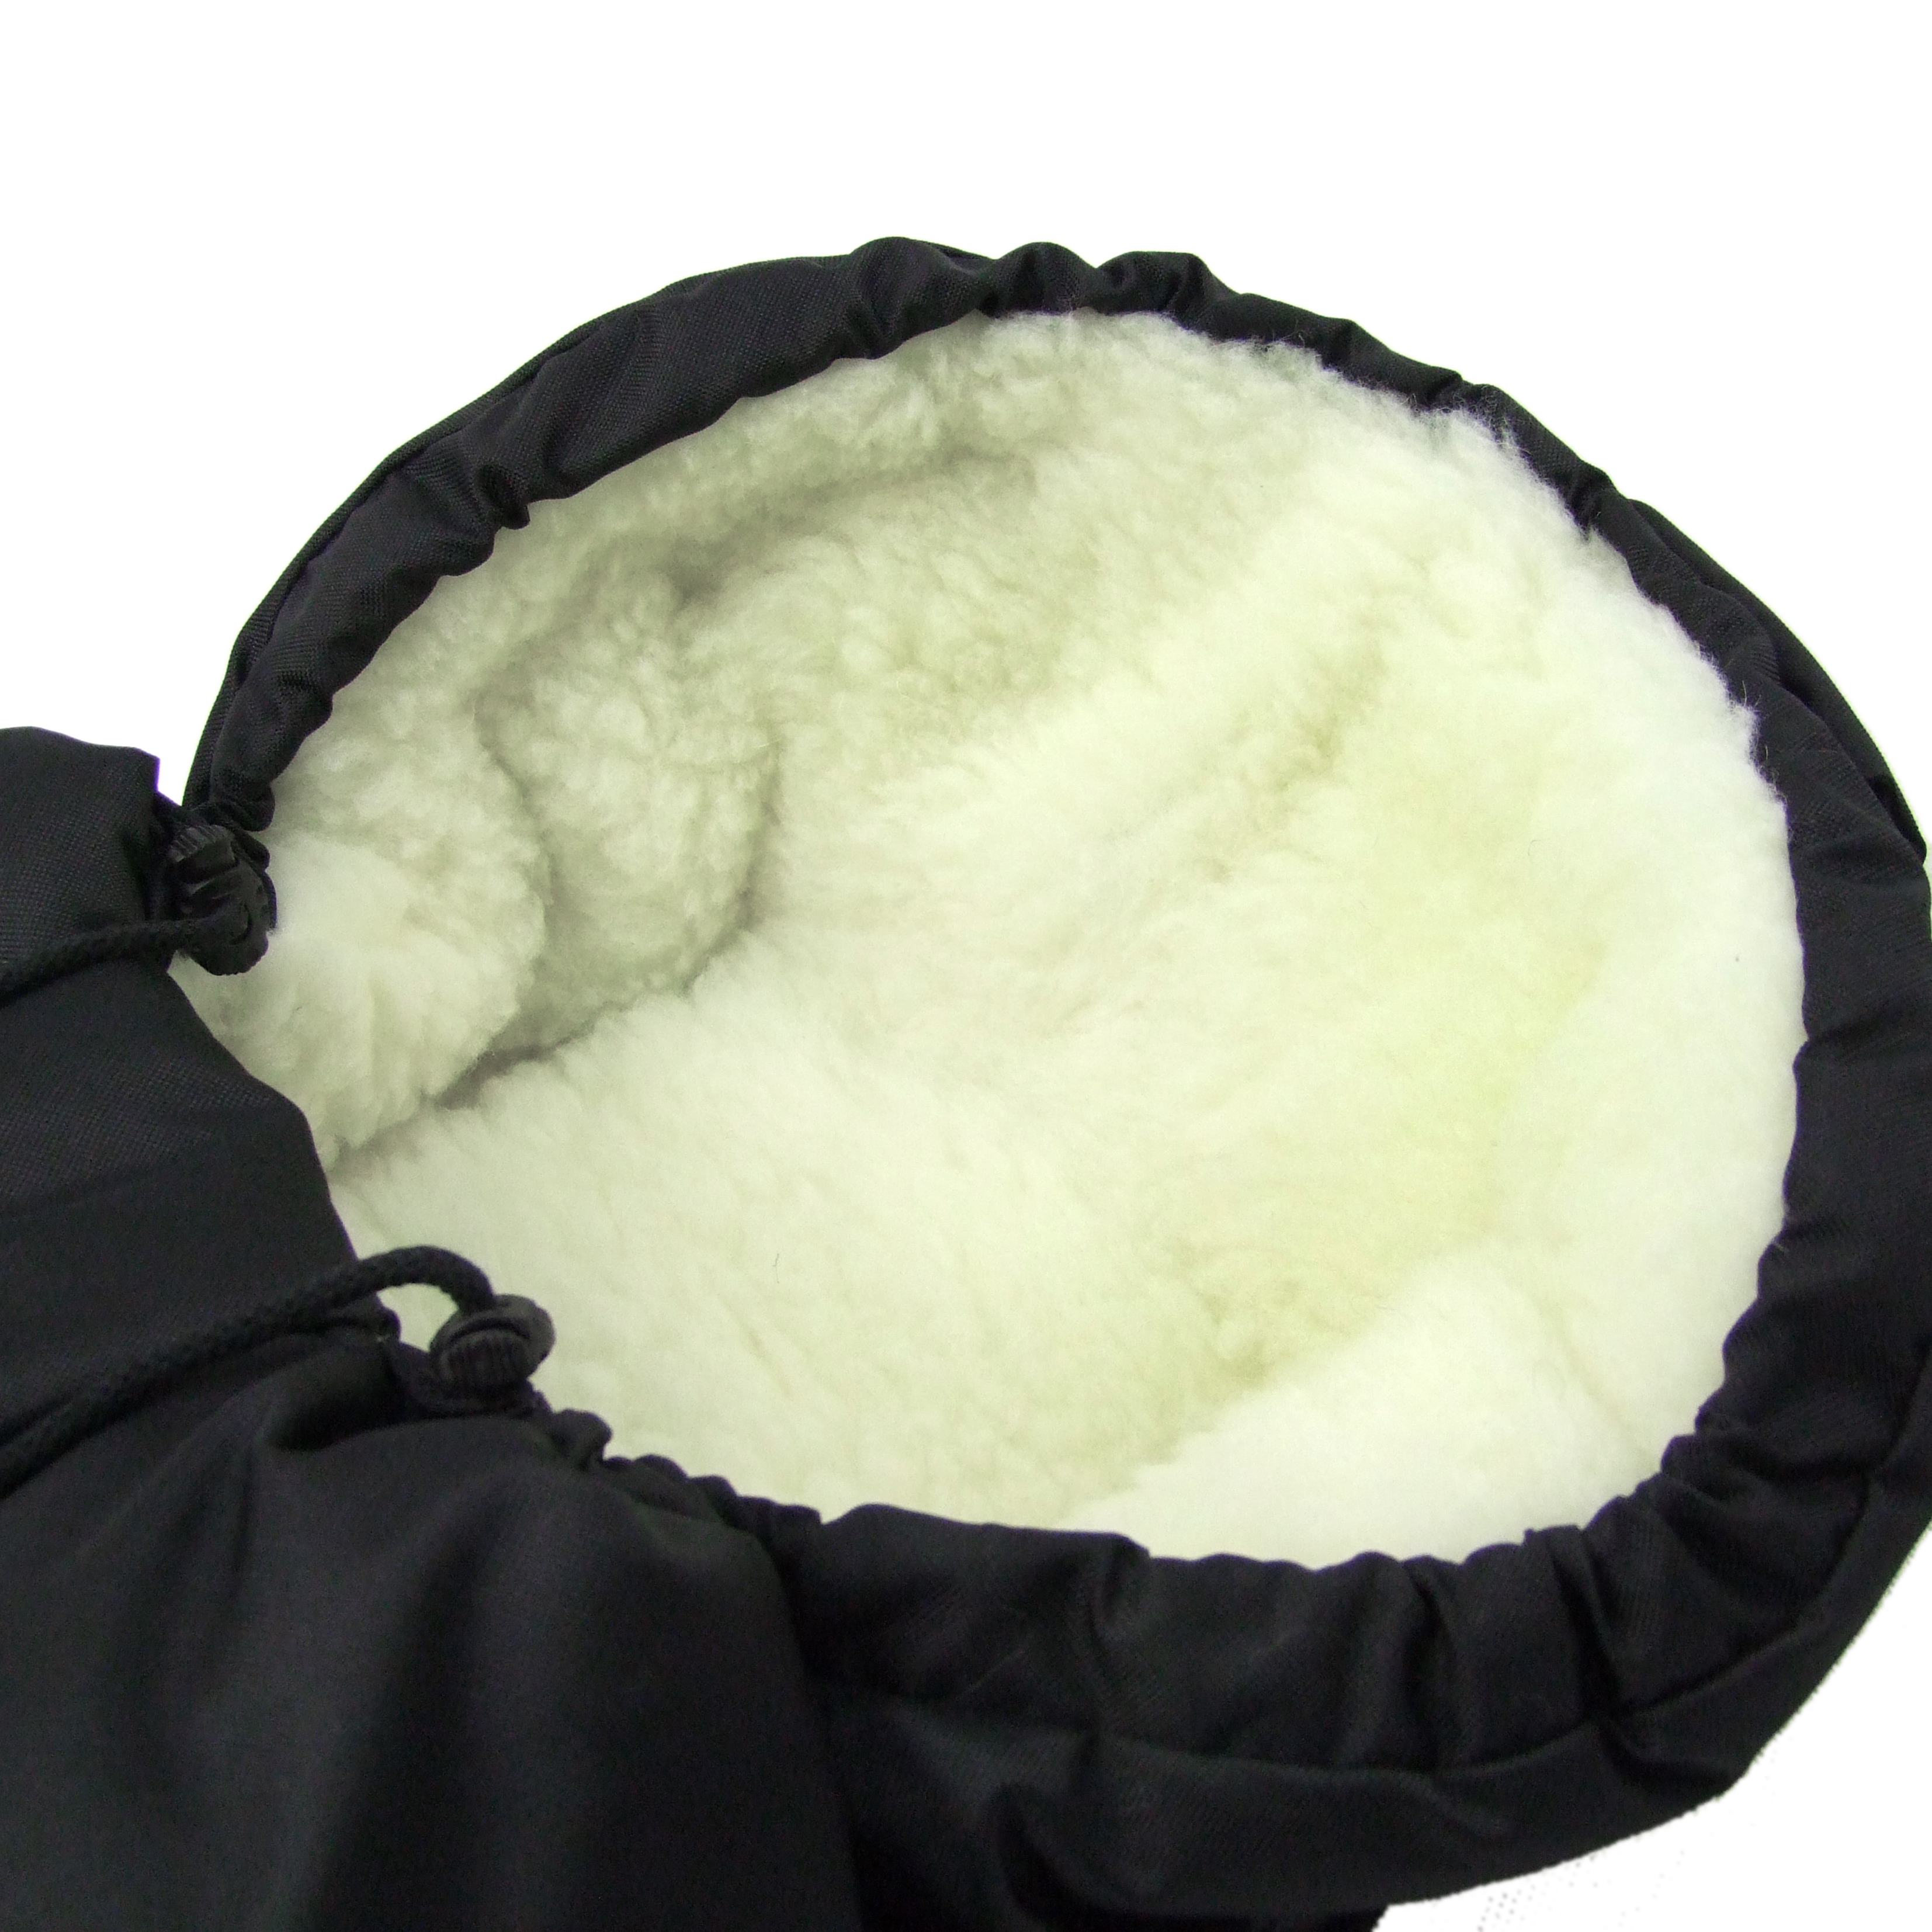 Buggy oder Schlitten BAMBINIWELT Winterfusssack in Mumienform f/ür Kinderwagen Jogger MUMIE LILA GRAU MOSAIK aus Wolle Gr/ö/ße anpassbar